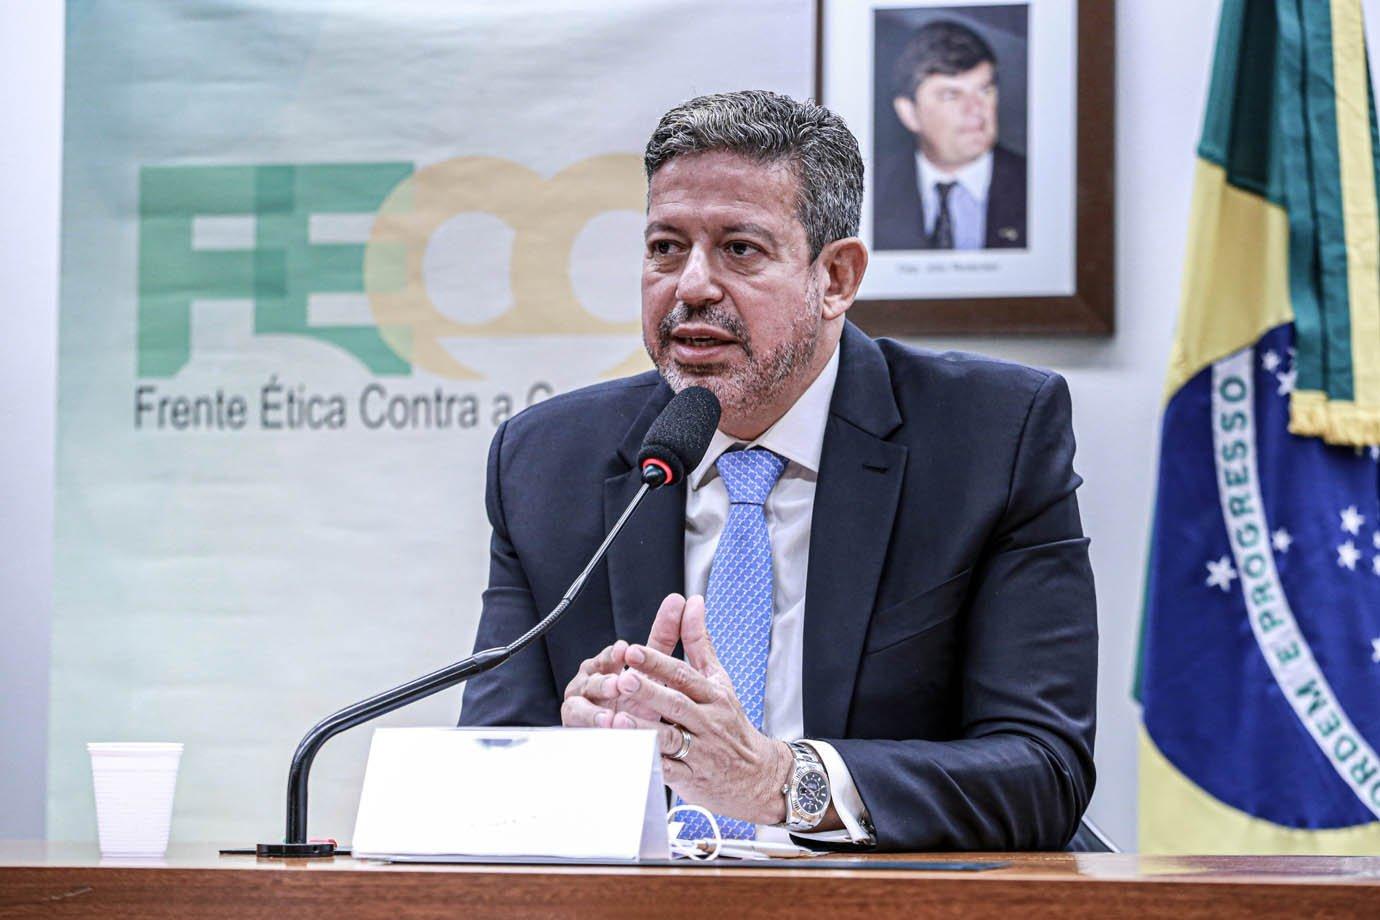 Lira diz que irá pautar licenciamento ambiental e regularização fundiária